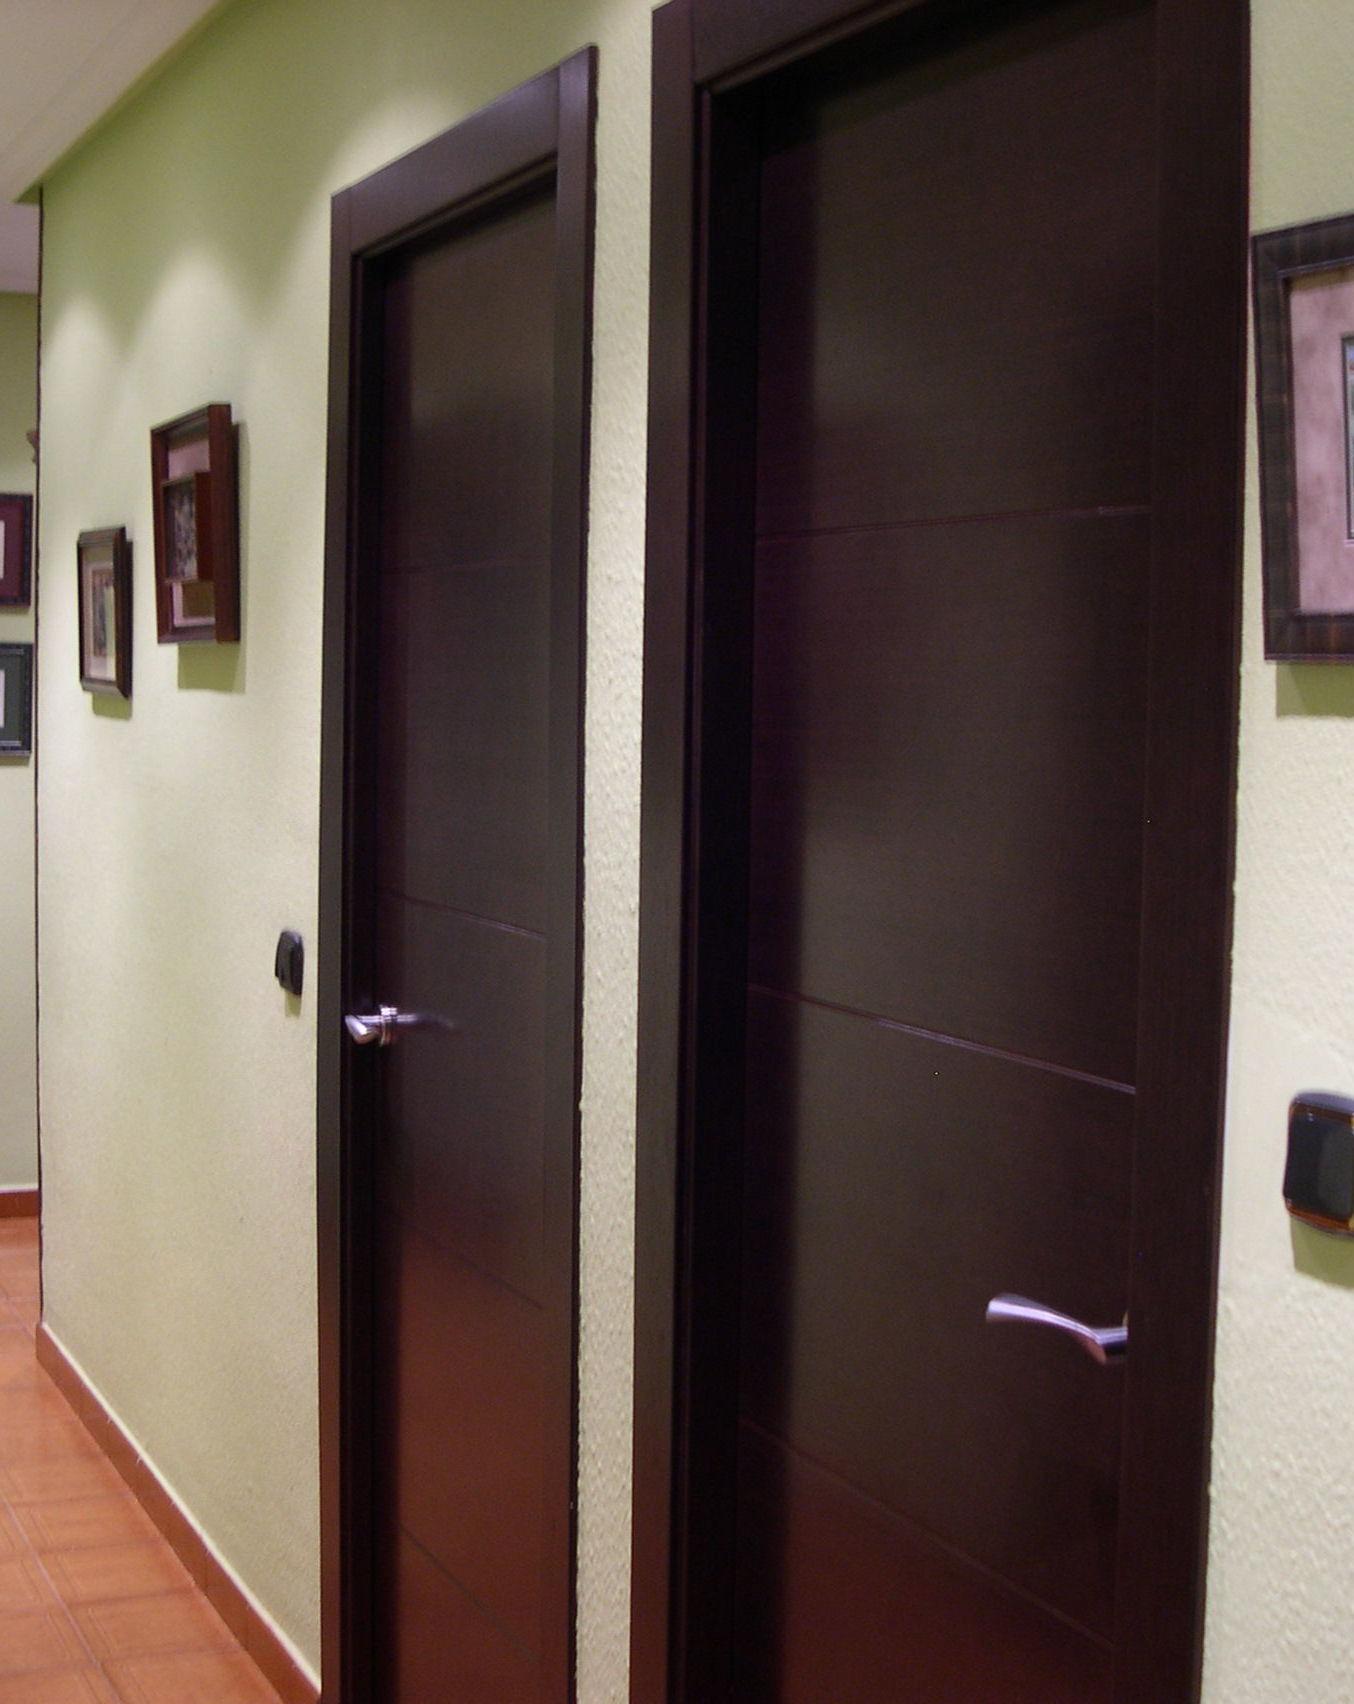 Mod l 3 ciega cat logo de puertas y armarios videco for Puertas y armarios